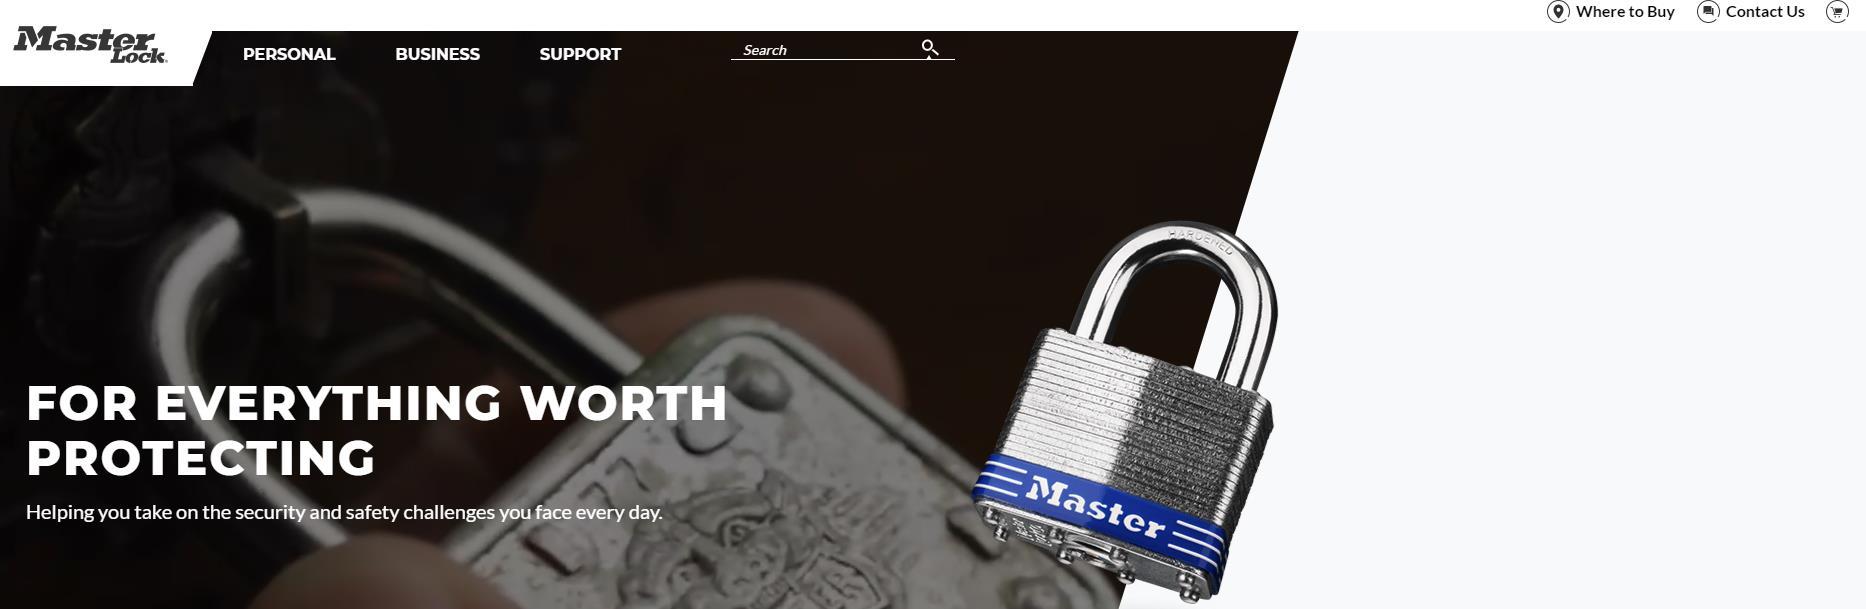 玛斯特锁具(MasterLock)官网 玛斯特锁具官方旗舰店